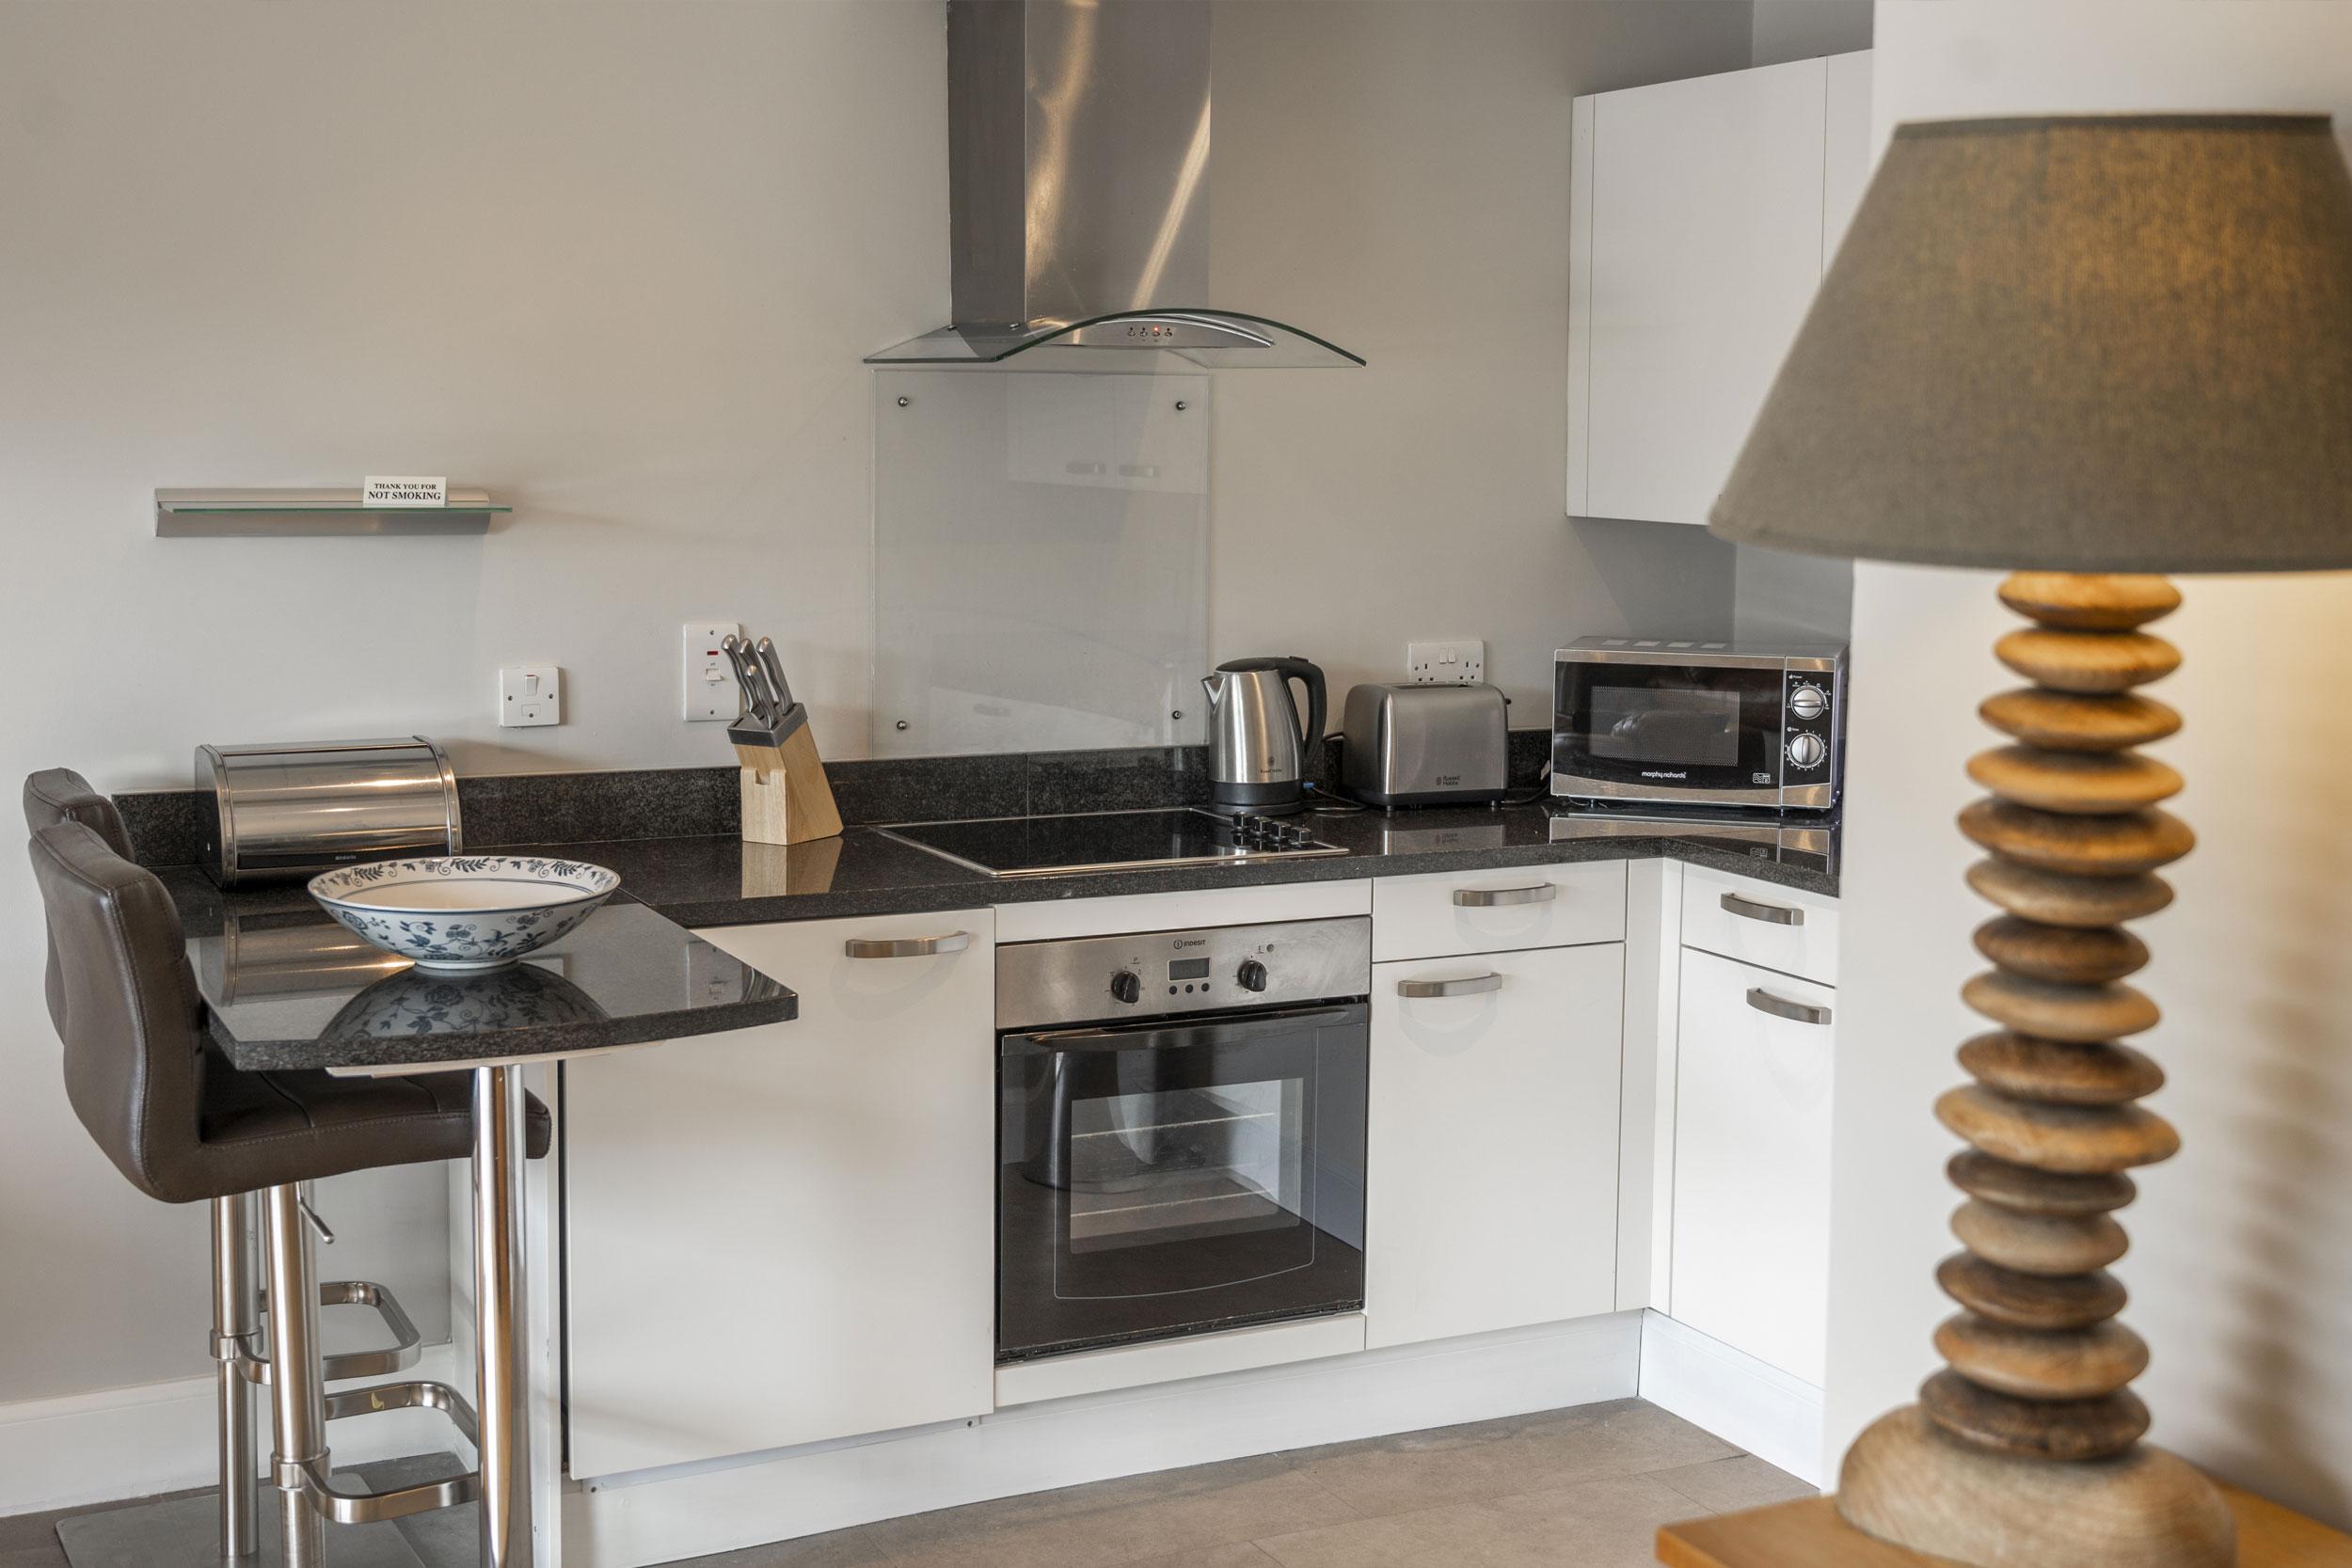 Beinn Hope Kitchen